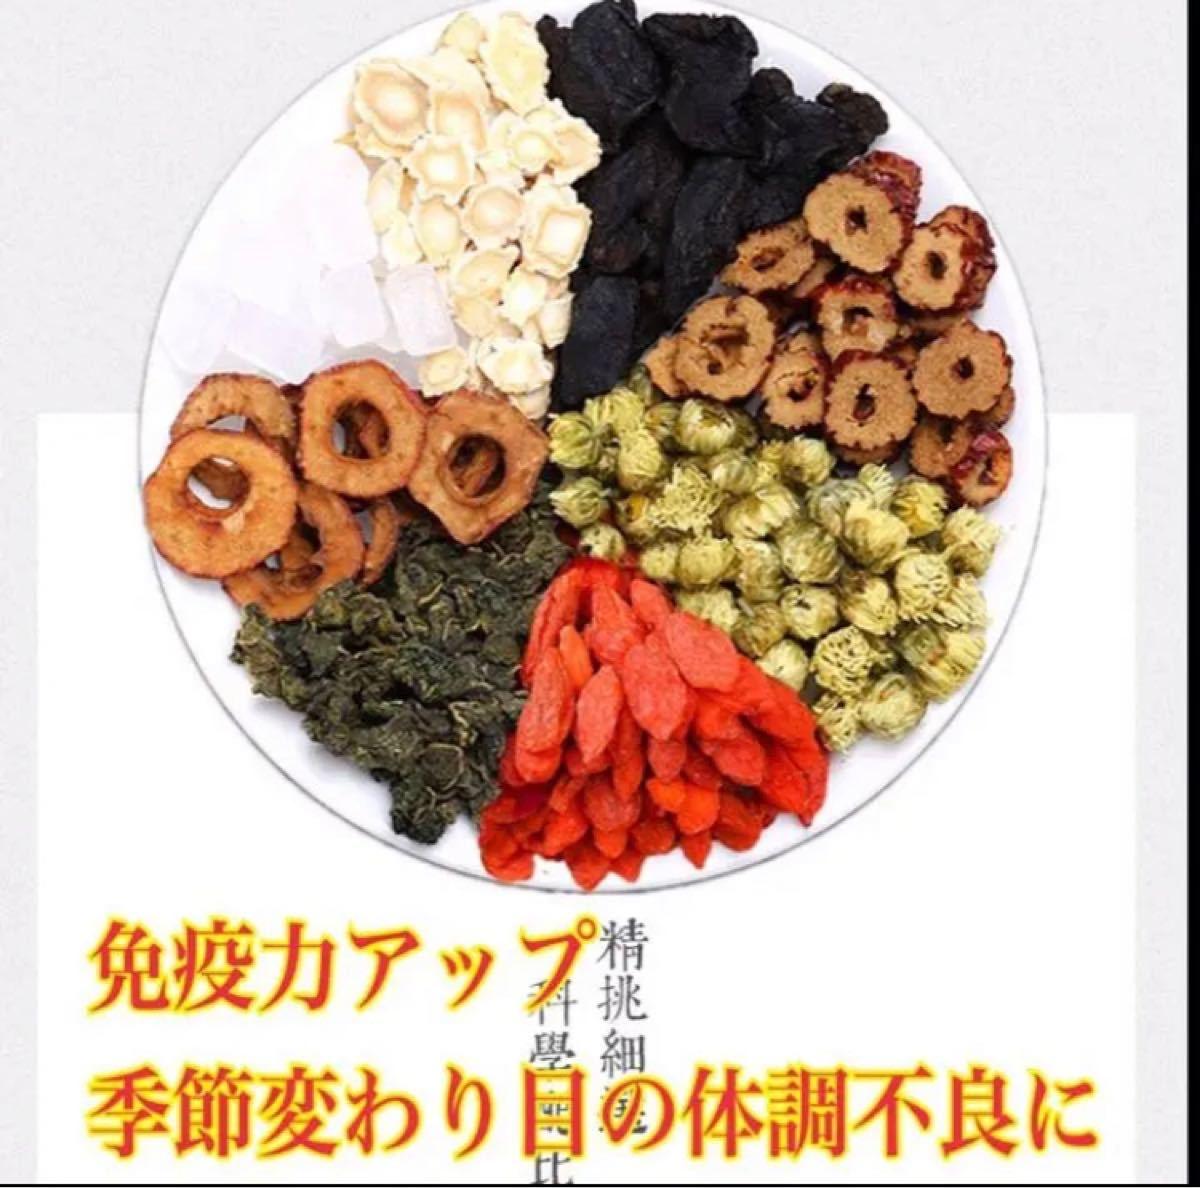 人参八宝茶 ハーブティー 花茶 美容茶 健康薬膳茶 漢方茶 中国茶